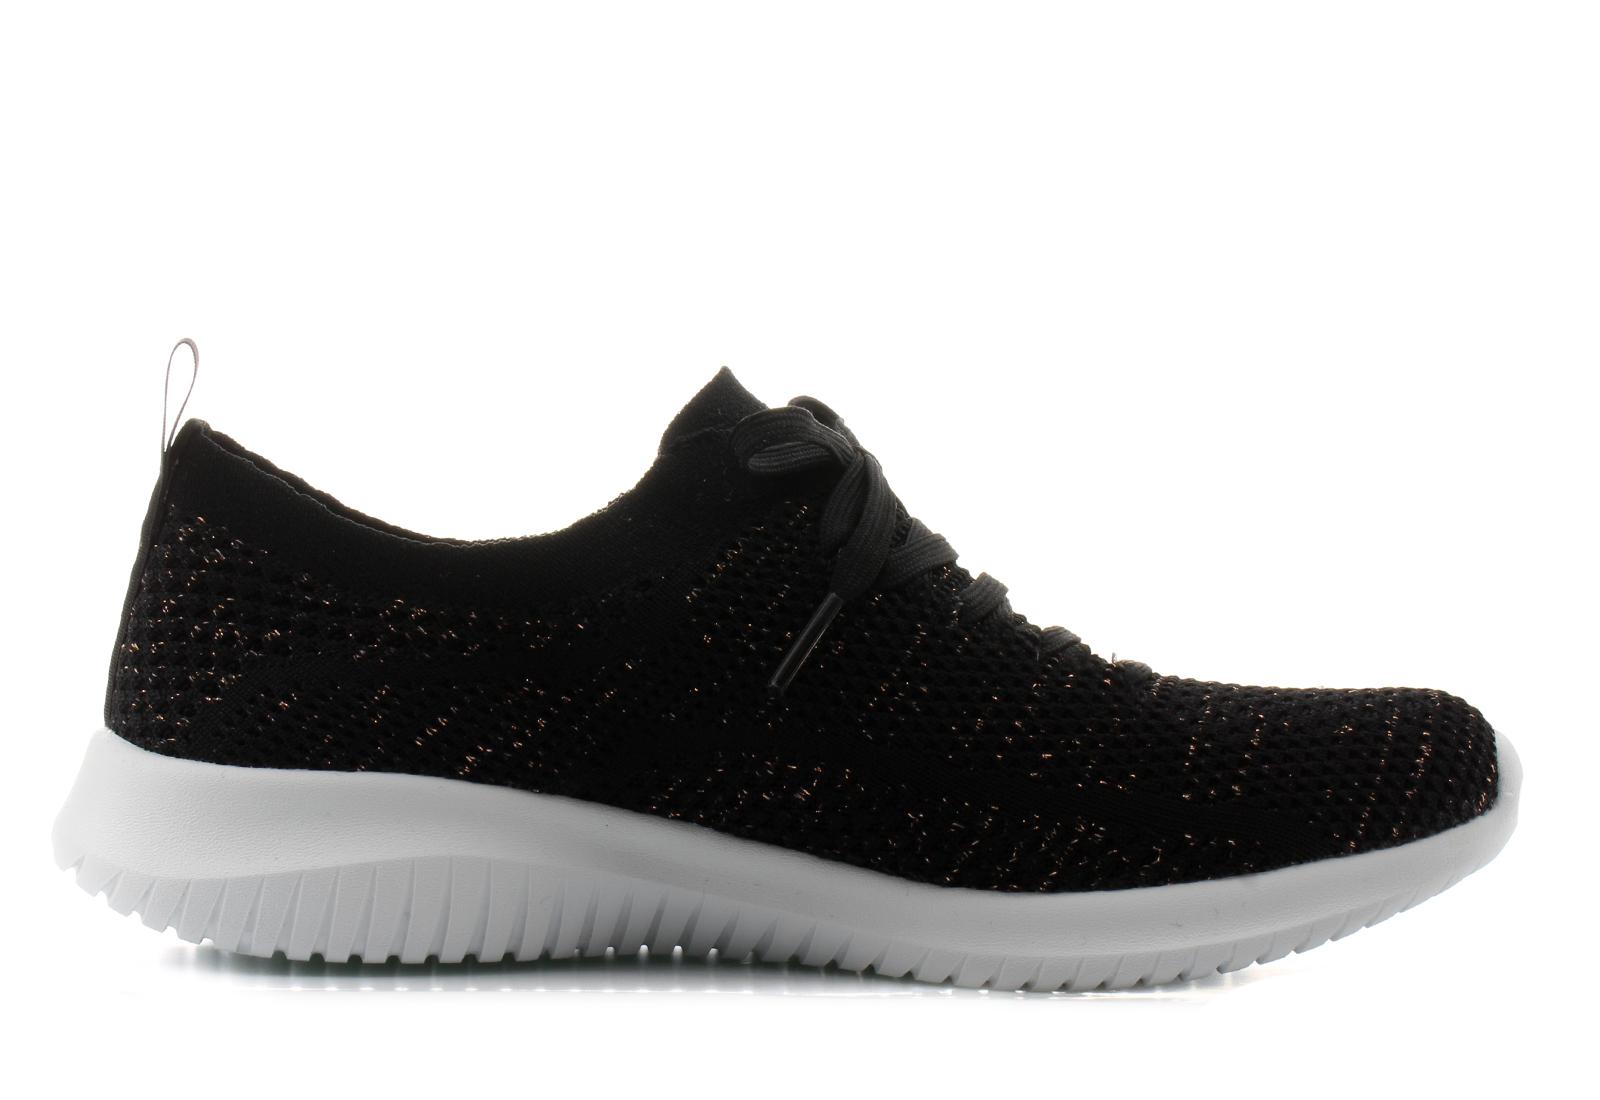 8b448aaebe7ef Skechers Shoes - Ultra Flex - Salutations - 12843-bkgd - Online shop ...